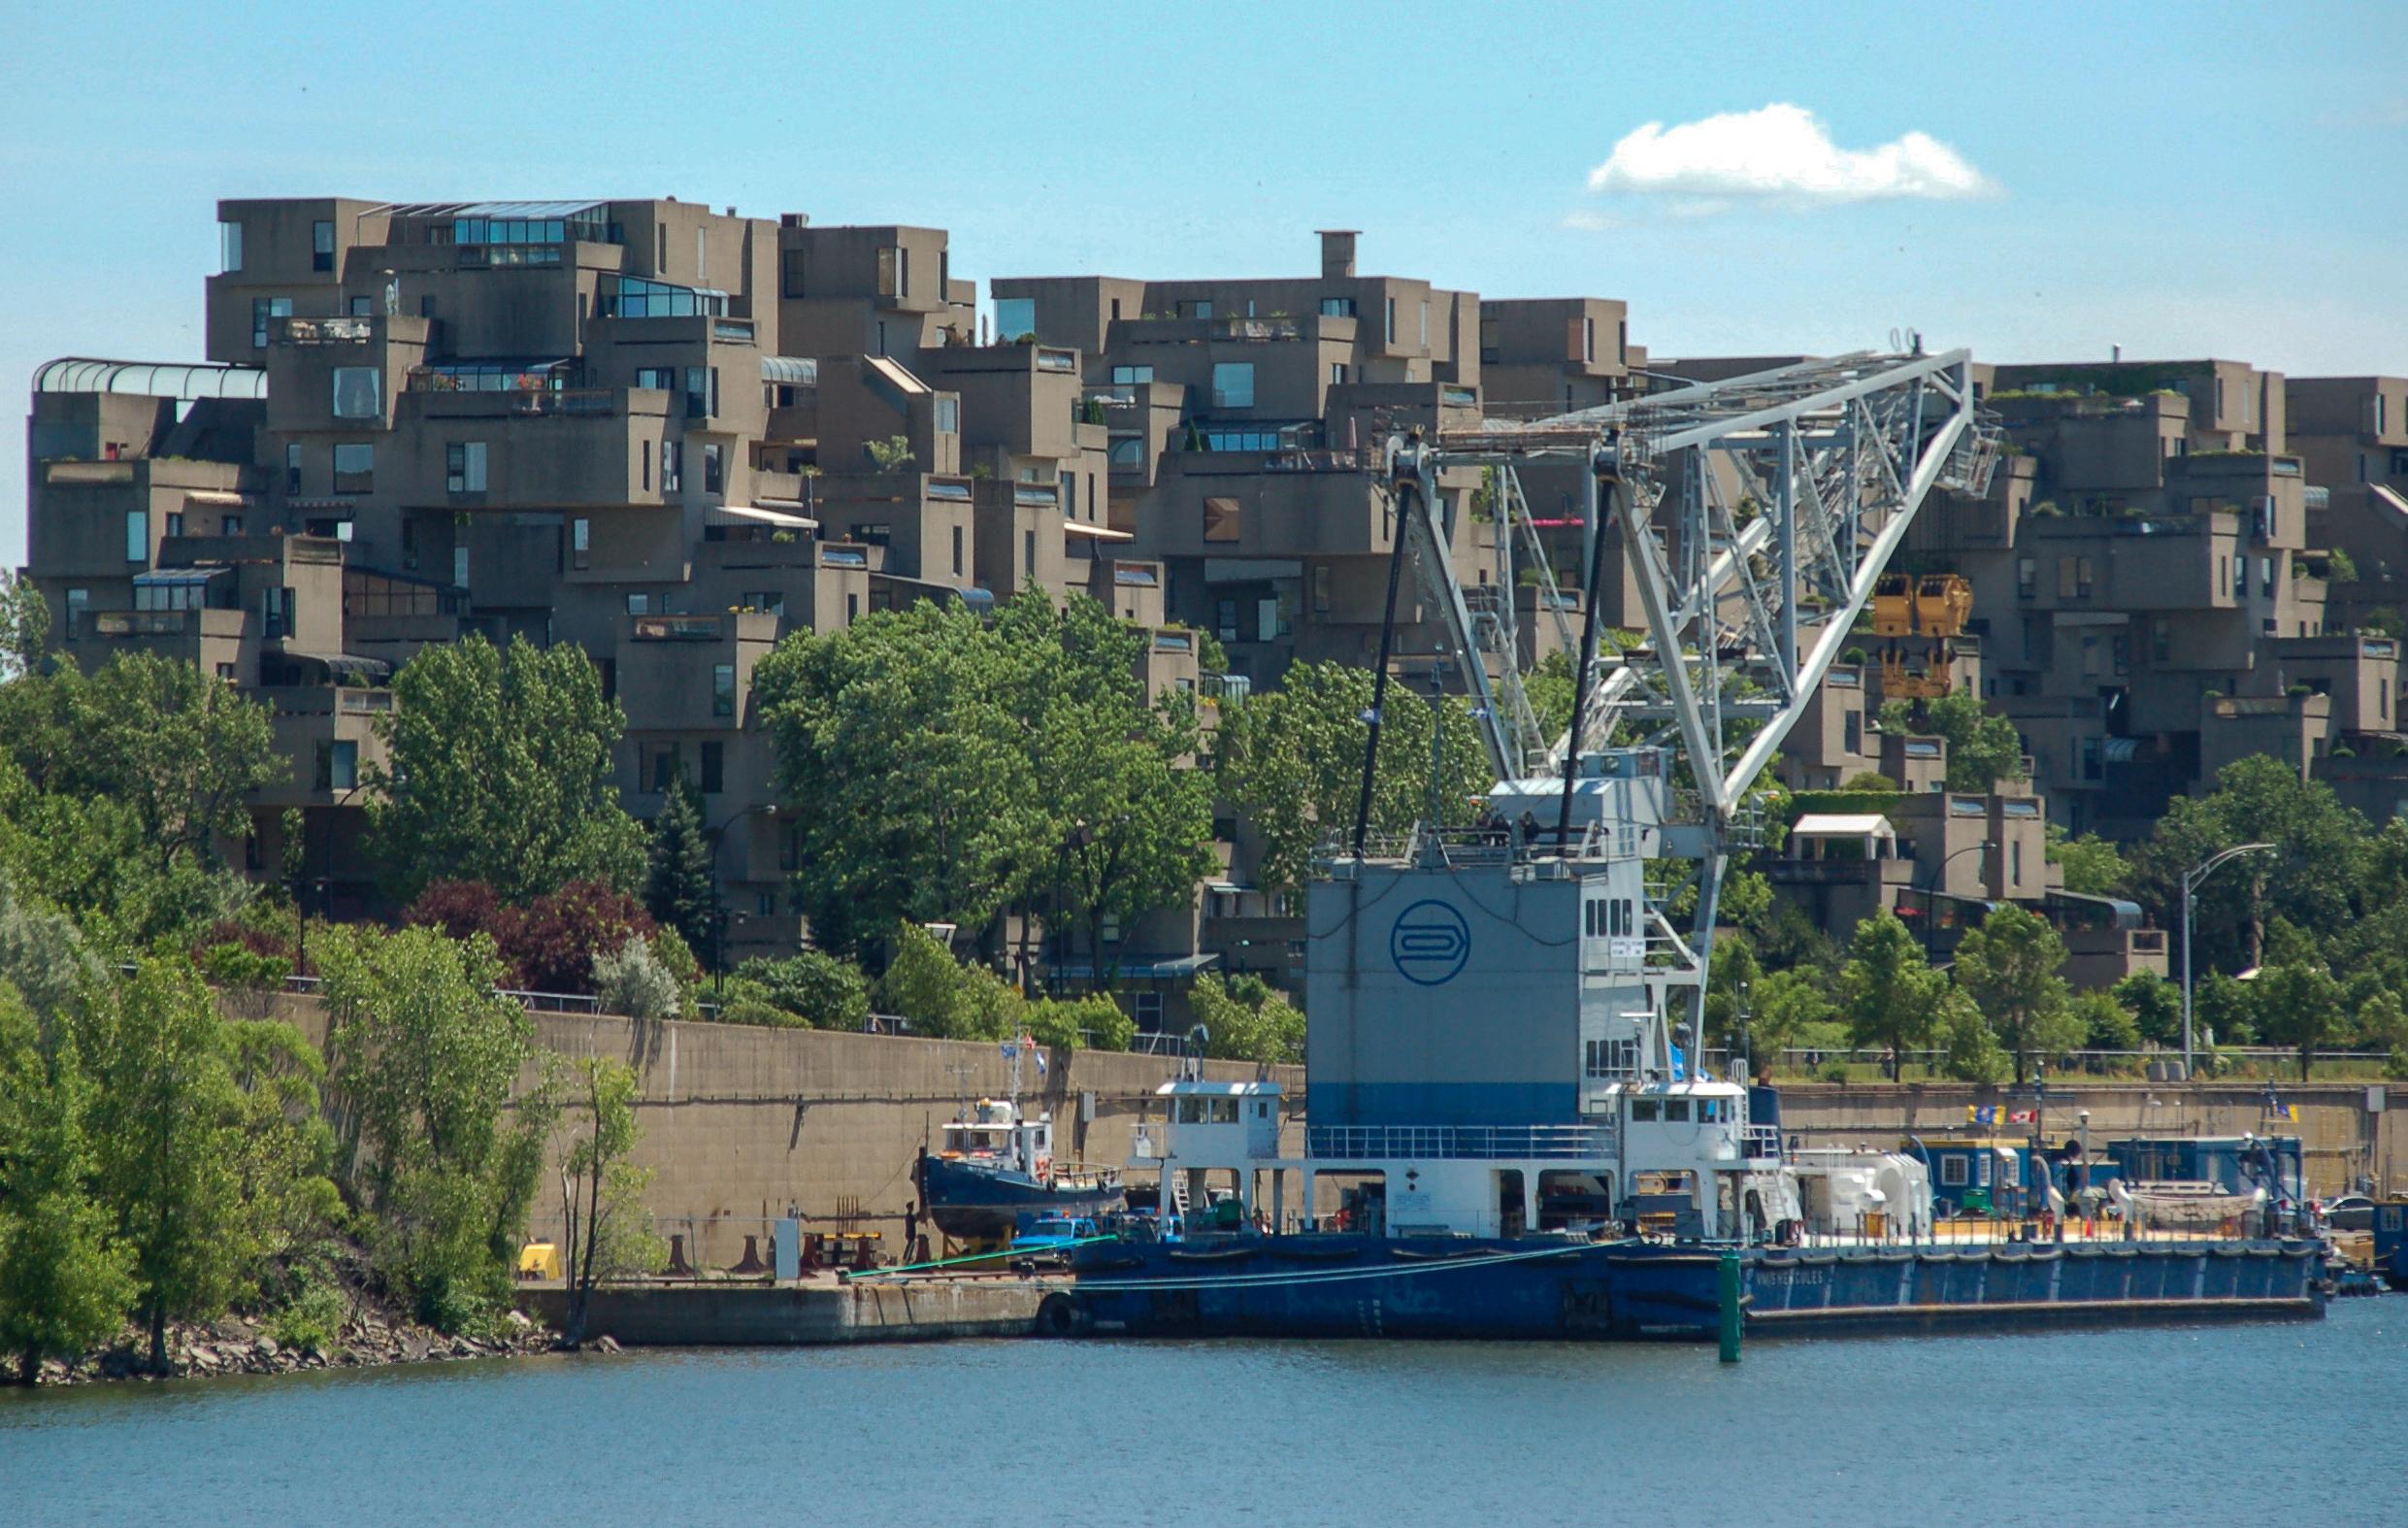 Wohnblöcke von Moshe Safdie in Montreal